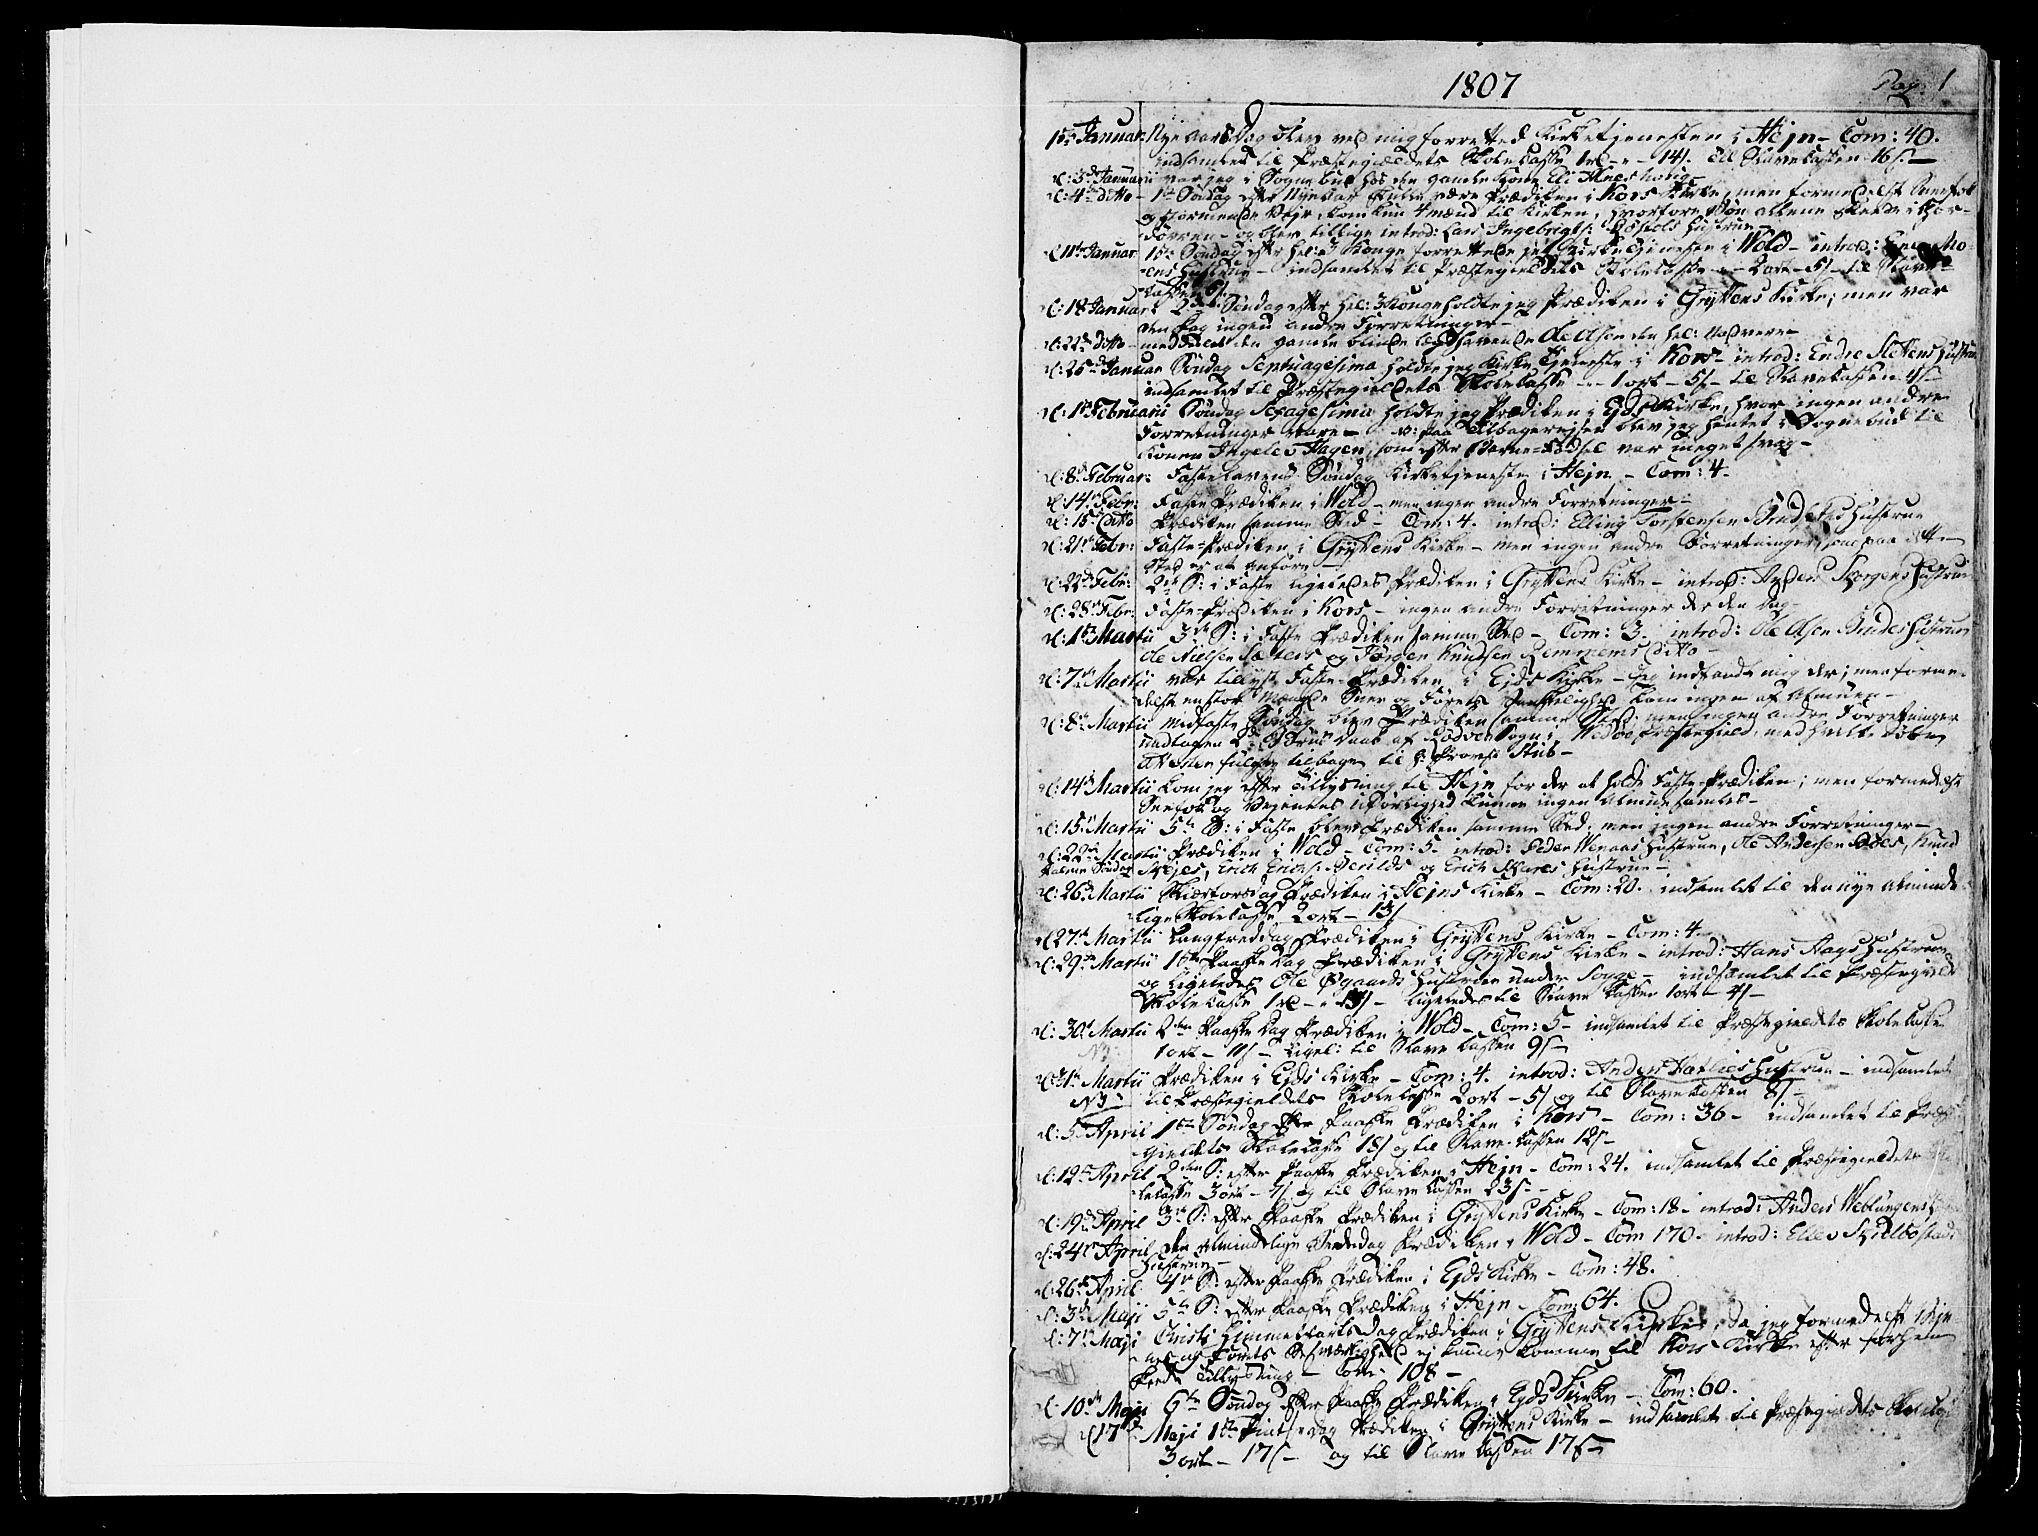 SAT, Ministerialprotokoller, klokkerbøker og fødselsregistre - Møre og Romsdal, 544/L0570: Parish register (official) no. 544A03, 1807-1817, p. 0-1